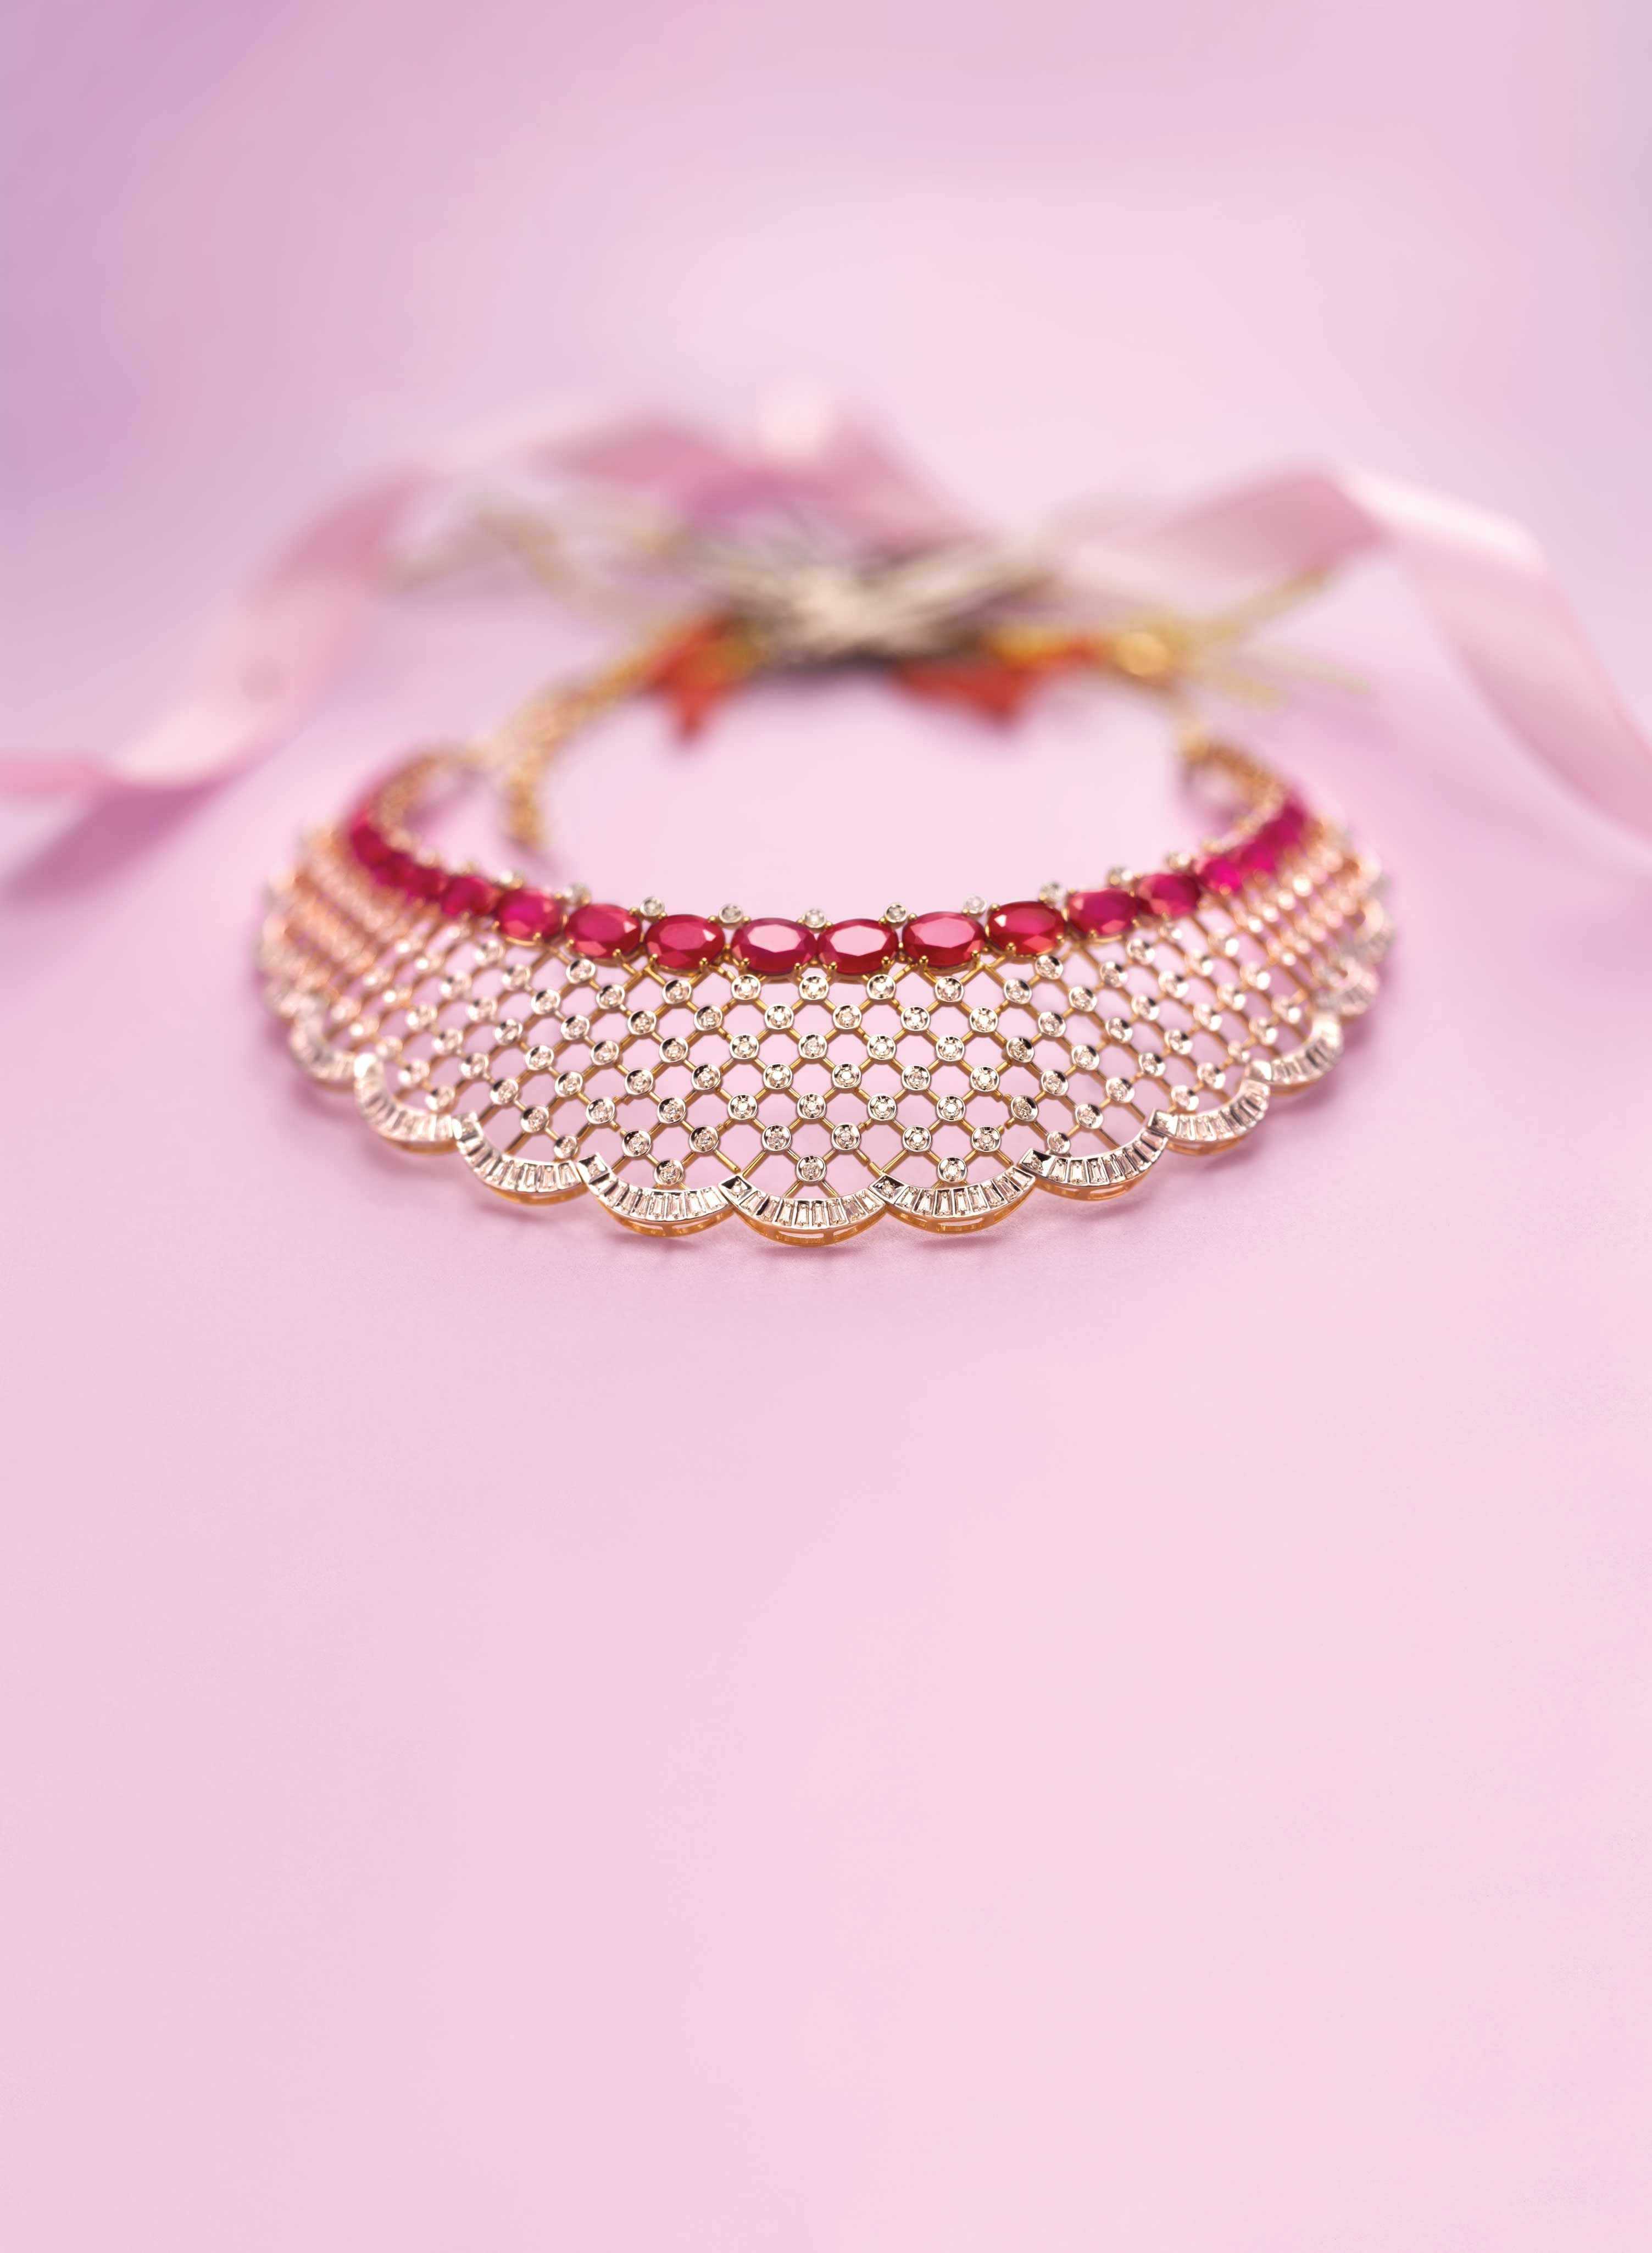 Tanishq jewelry jewellary pinterest jewelry tanishq jewellery